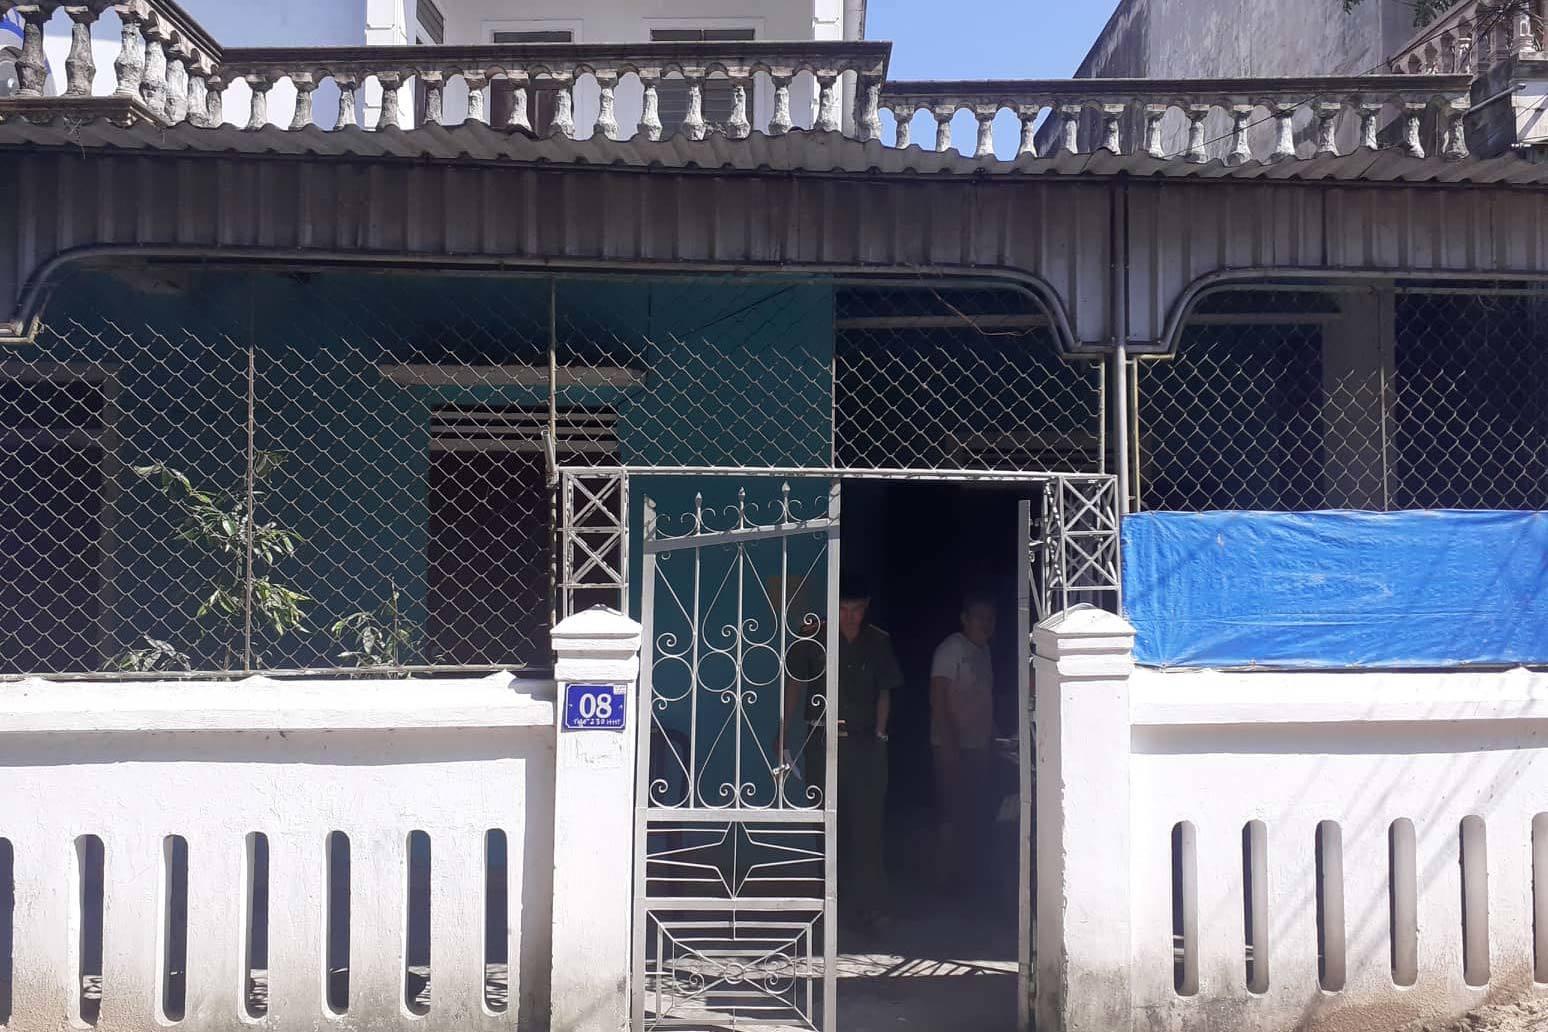 Hà Tĩnh: Chồng tử vong, vợ nguy kịch với vết cắt trên cổ